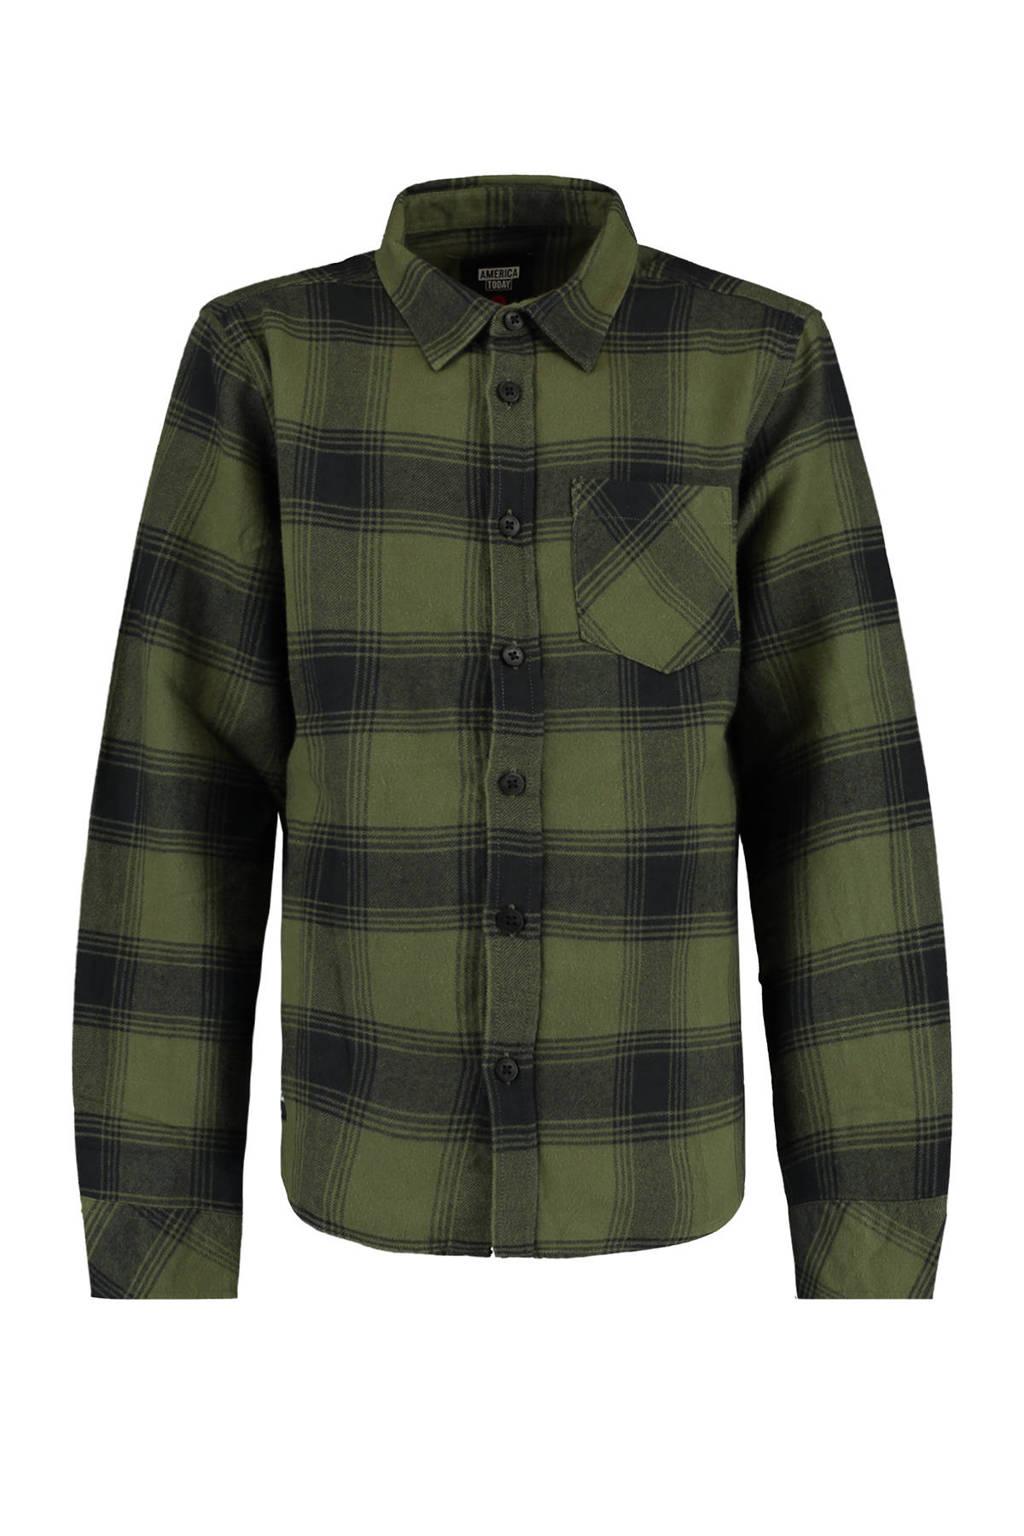 America Today Junior geruite overhemd Hector zwart/donkergroen, Zwart/donkergroen